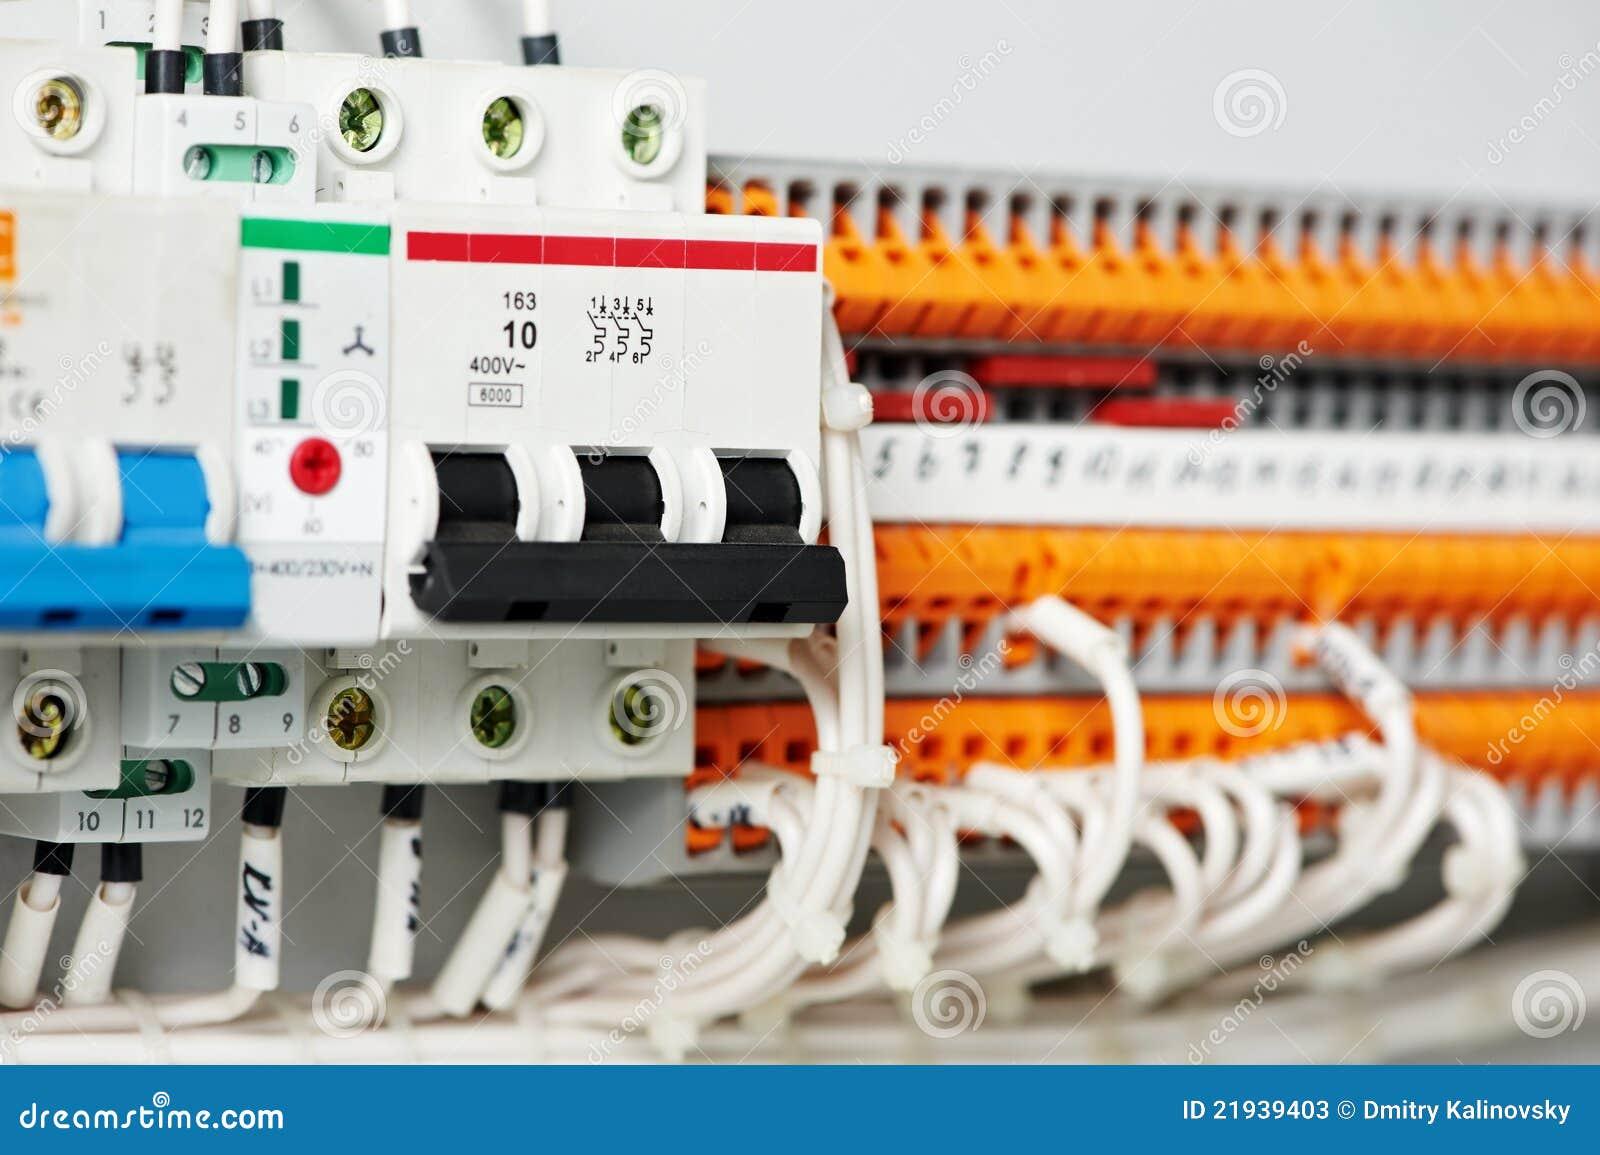 Fuseboxes e interruptores eléctricos de las líneas eléctricas